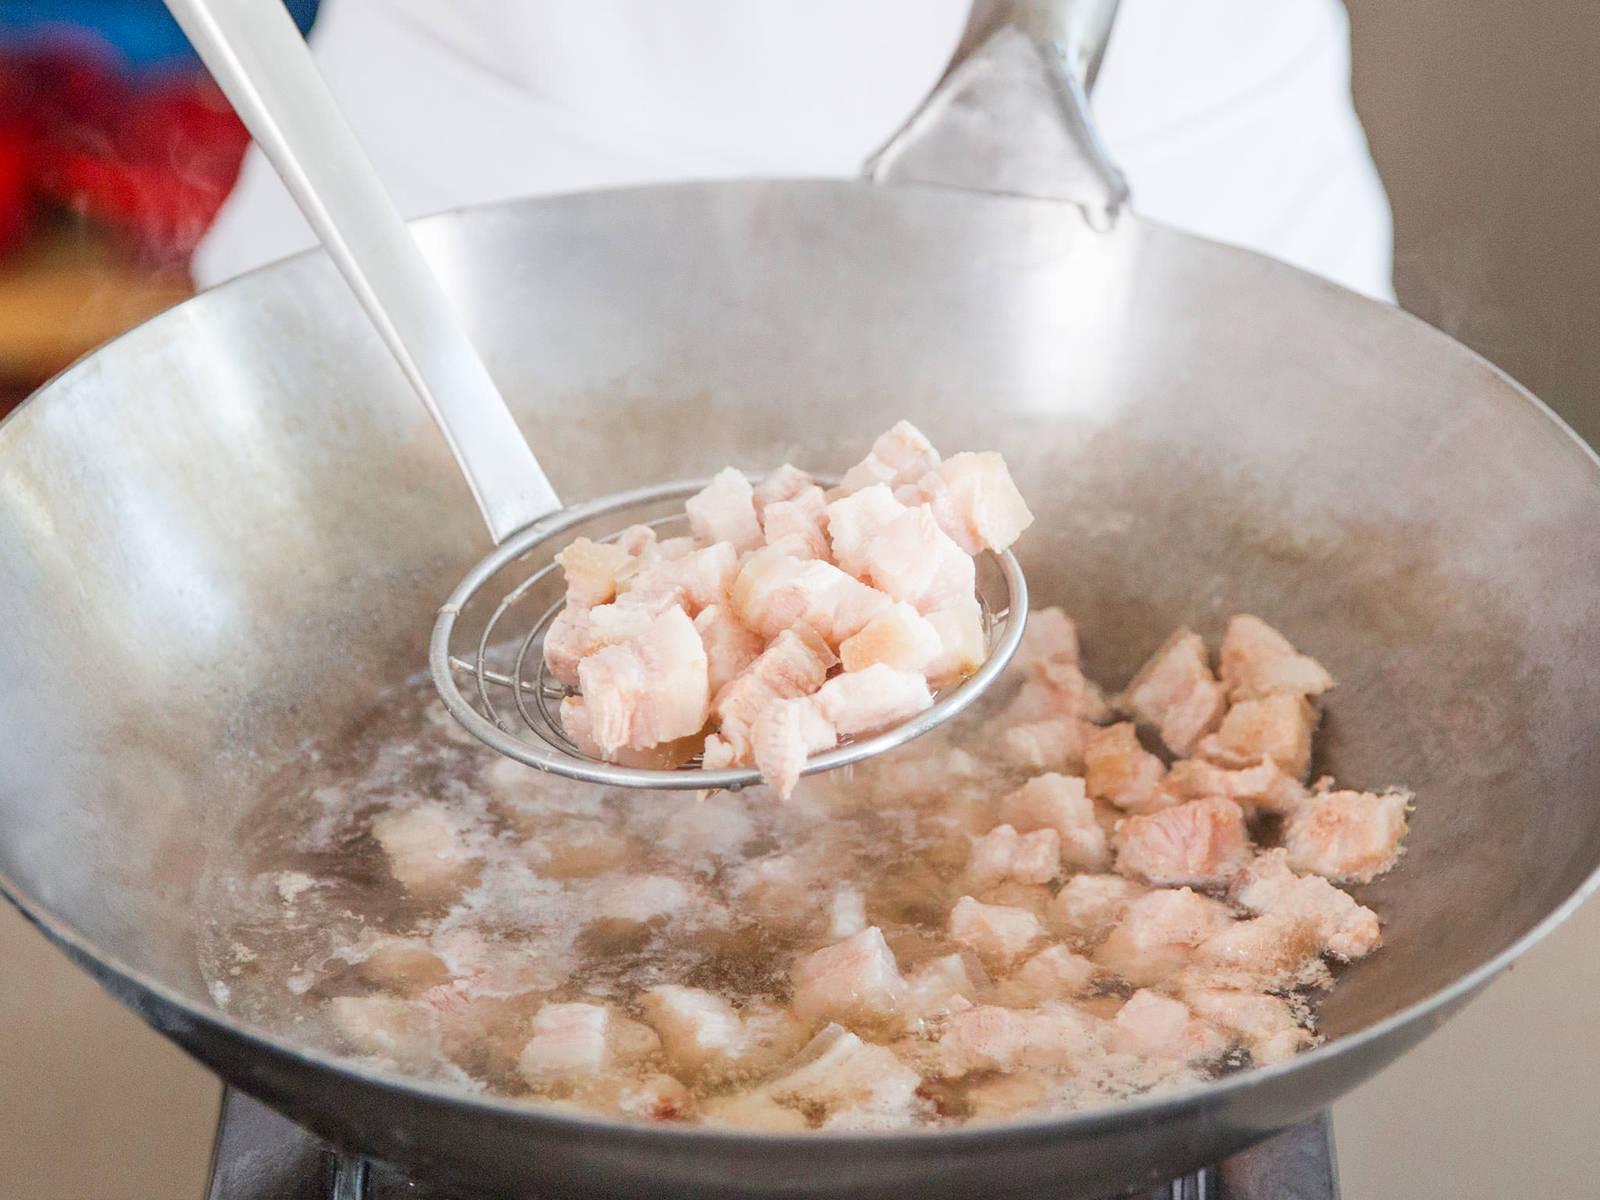 Wok zu einem Drittel mit heißem Wasser füllen. Schweinebauch hineingeben, aufkochen und ca. 5 - 7 Min. kochen. Wasser abgießen und Fleisch beiseitestellen.